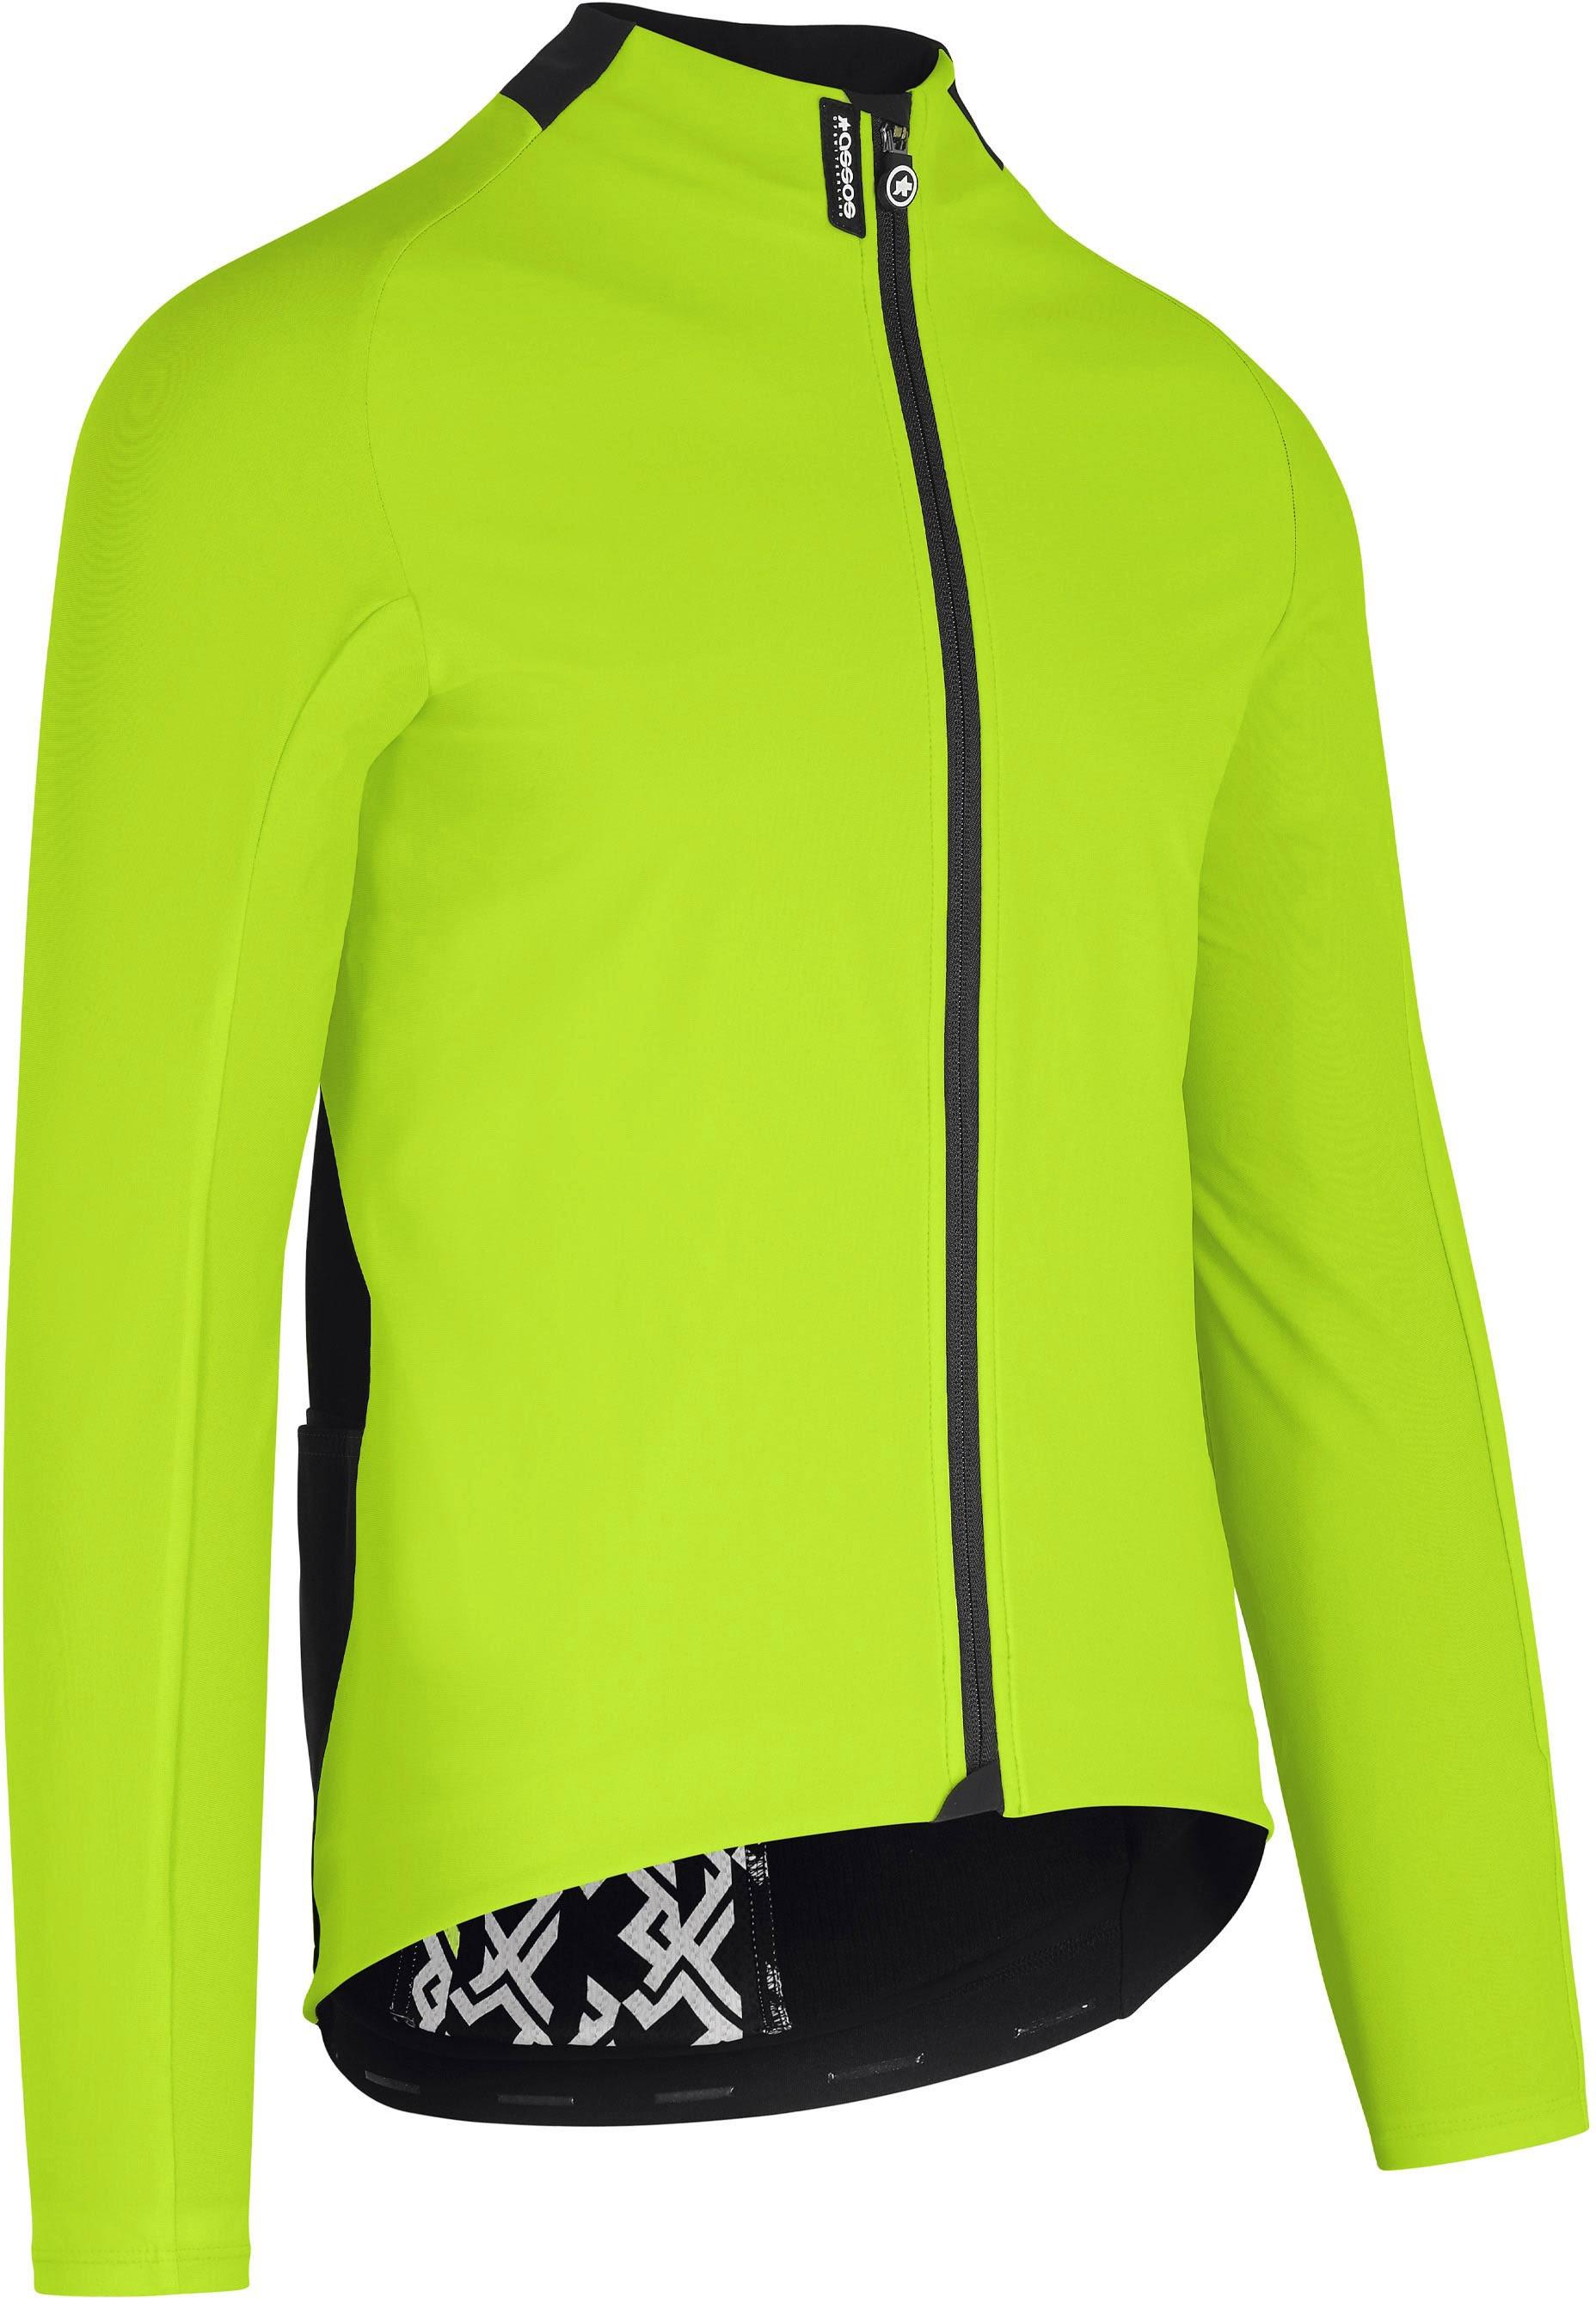 Assos MILLE GT ULTRAZ Winter Jacket EVO - Grøn/Refleks